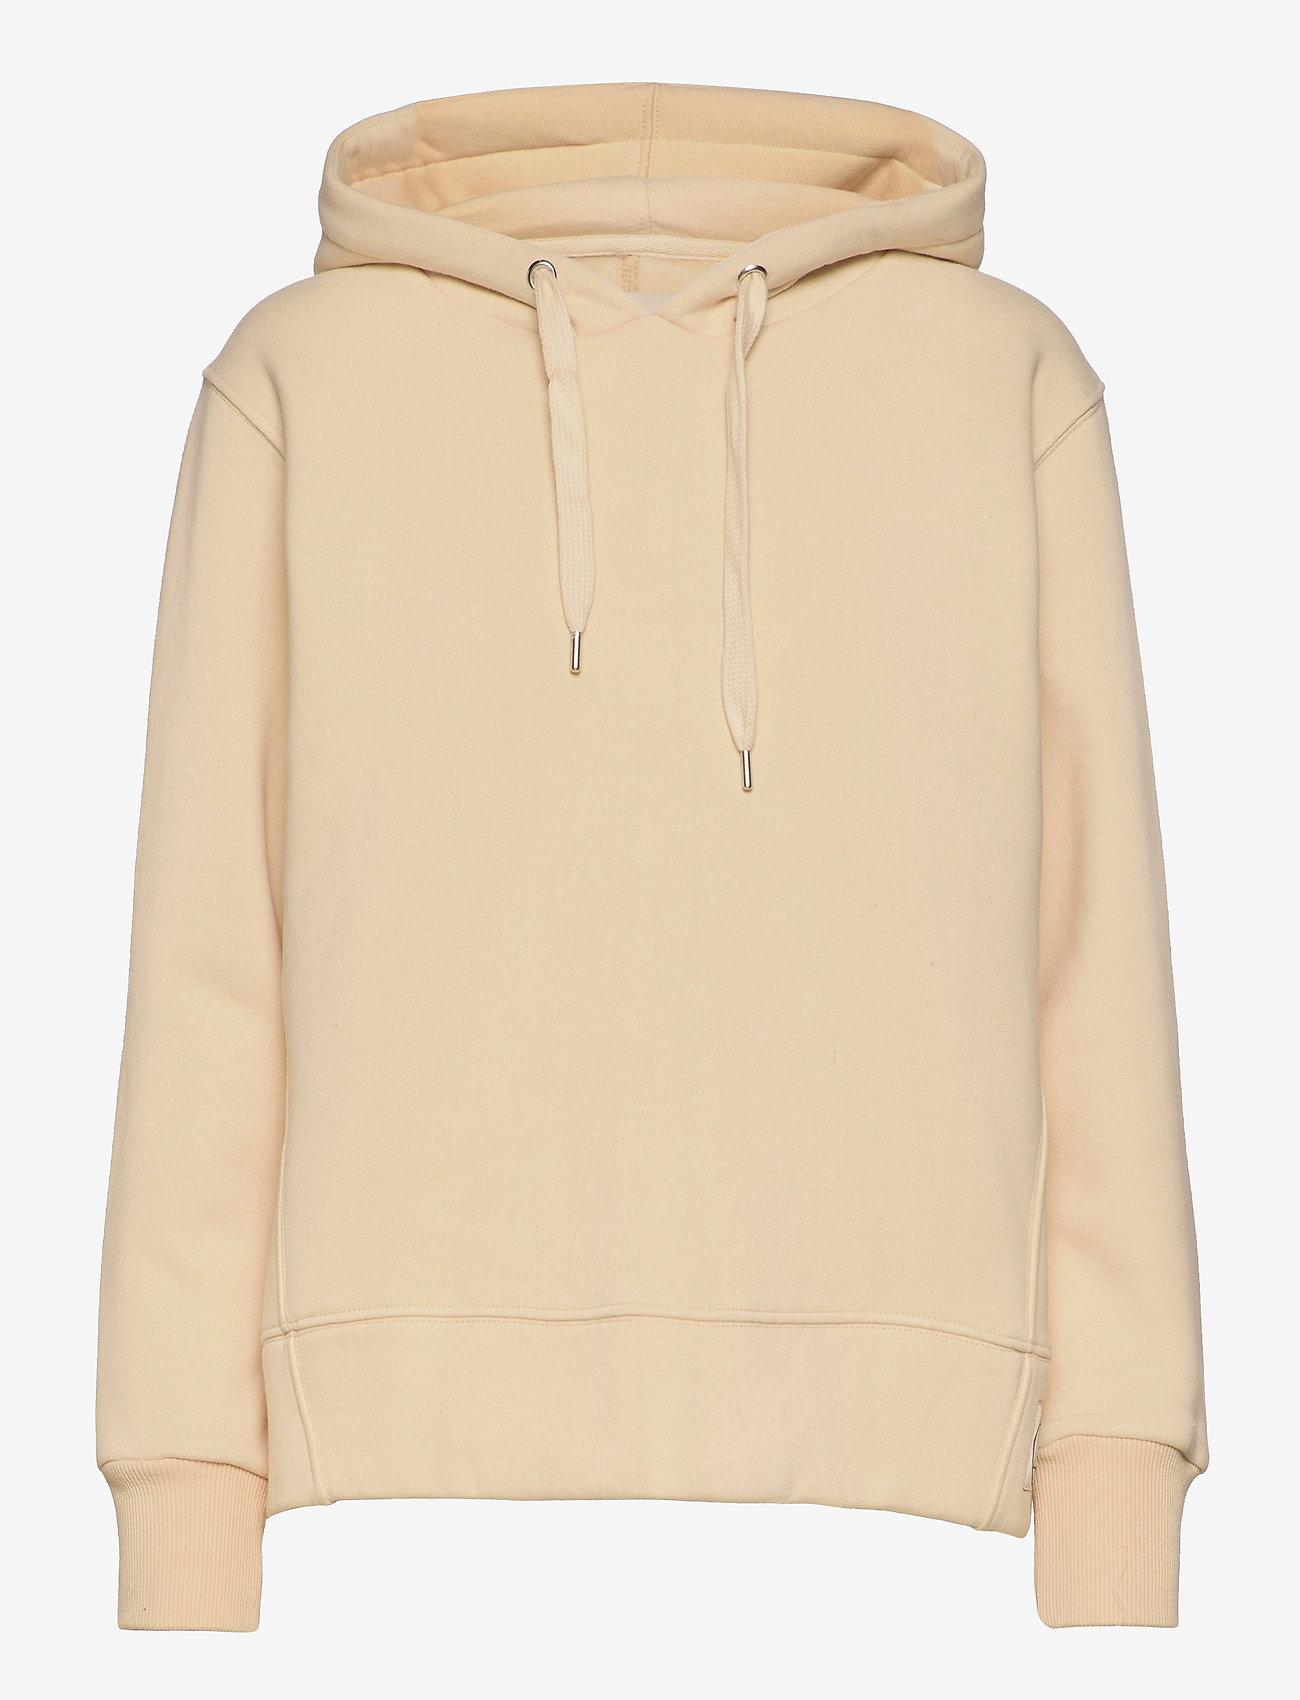 Levete Room - LR-NUKA - sweatshirts & hættetrøjer - l103 - angora - 0